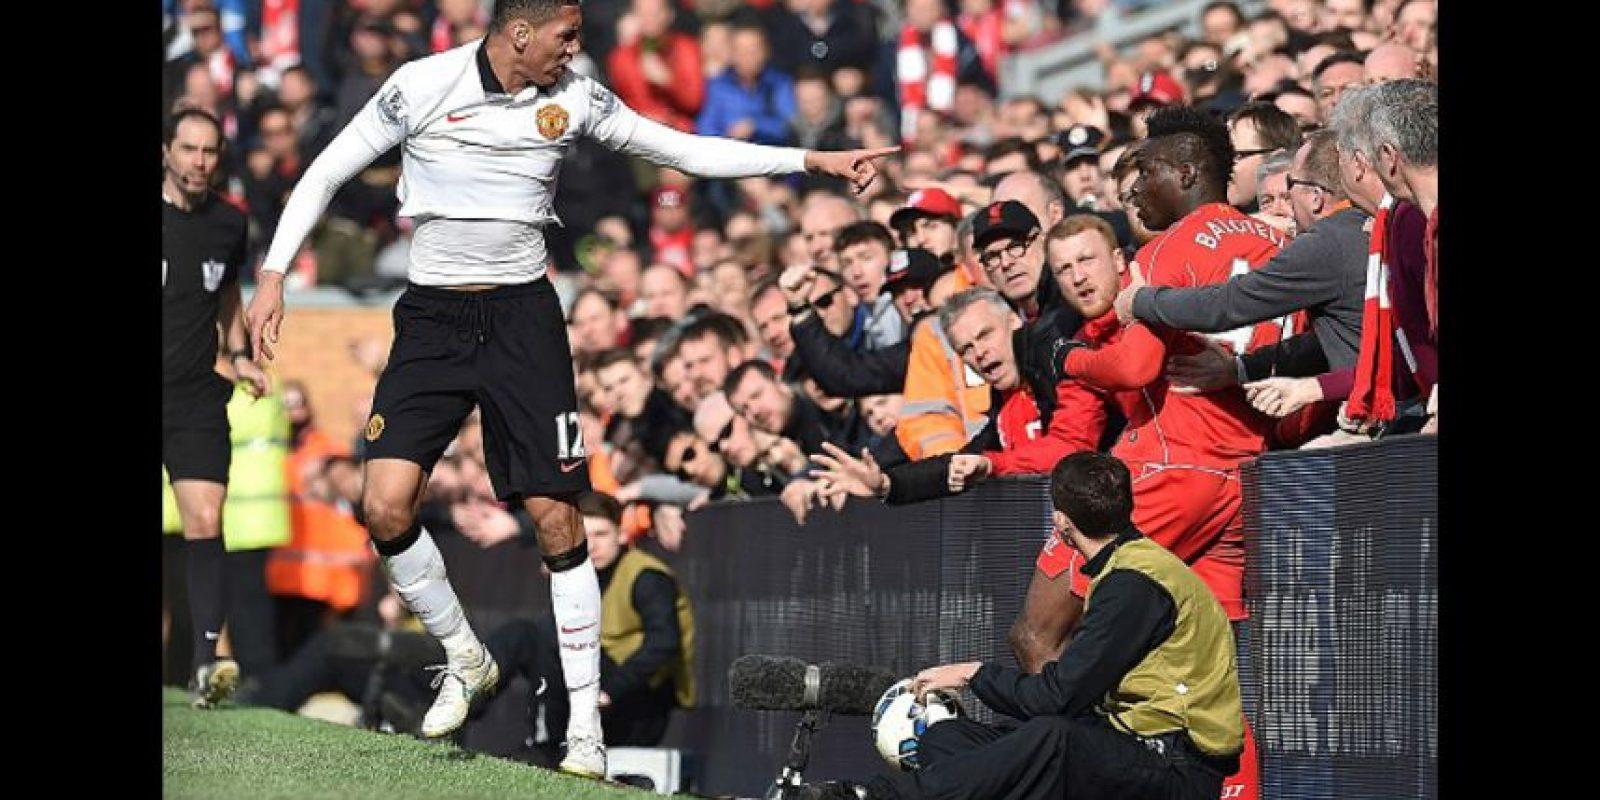 También estuvo a punto de pelearse con Chris Smalling, en un encuentro ante Manchester United, pero los aficionados lo detuvieron evitando así, una expulsión segura. Foto:Getty Images